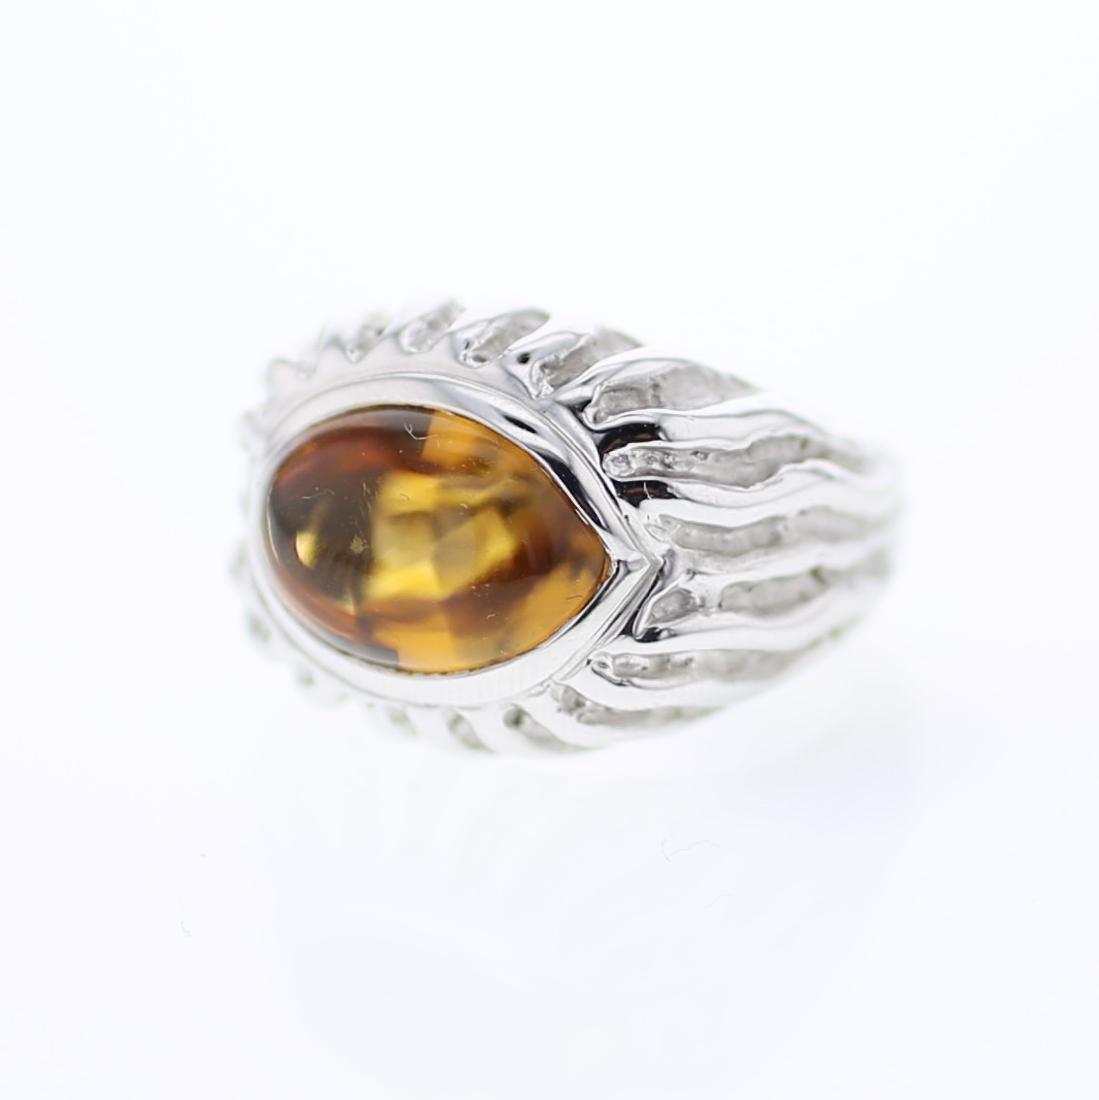 14KT White Gold 7.45ct Citrine Ring